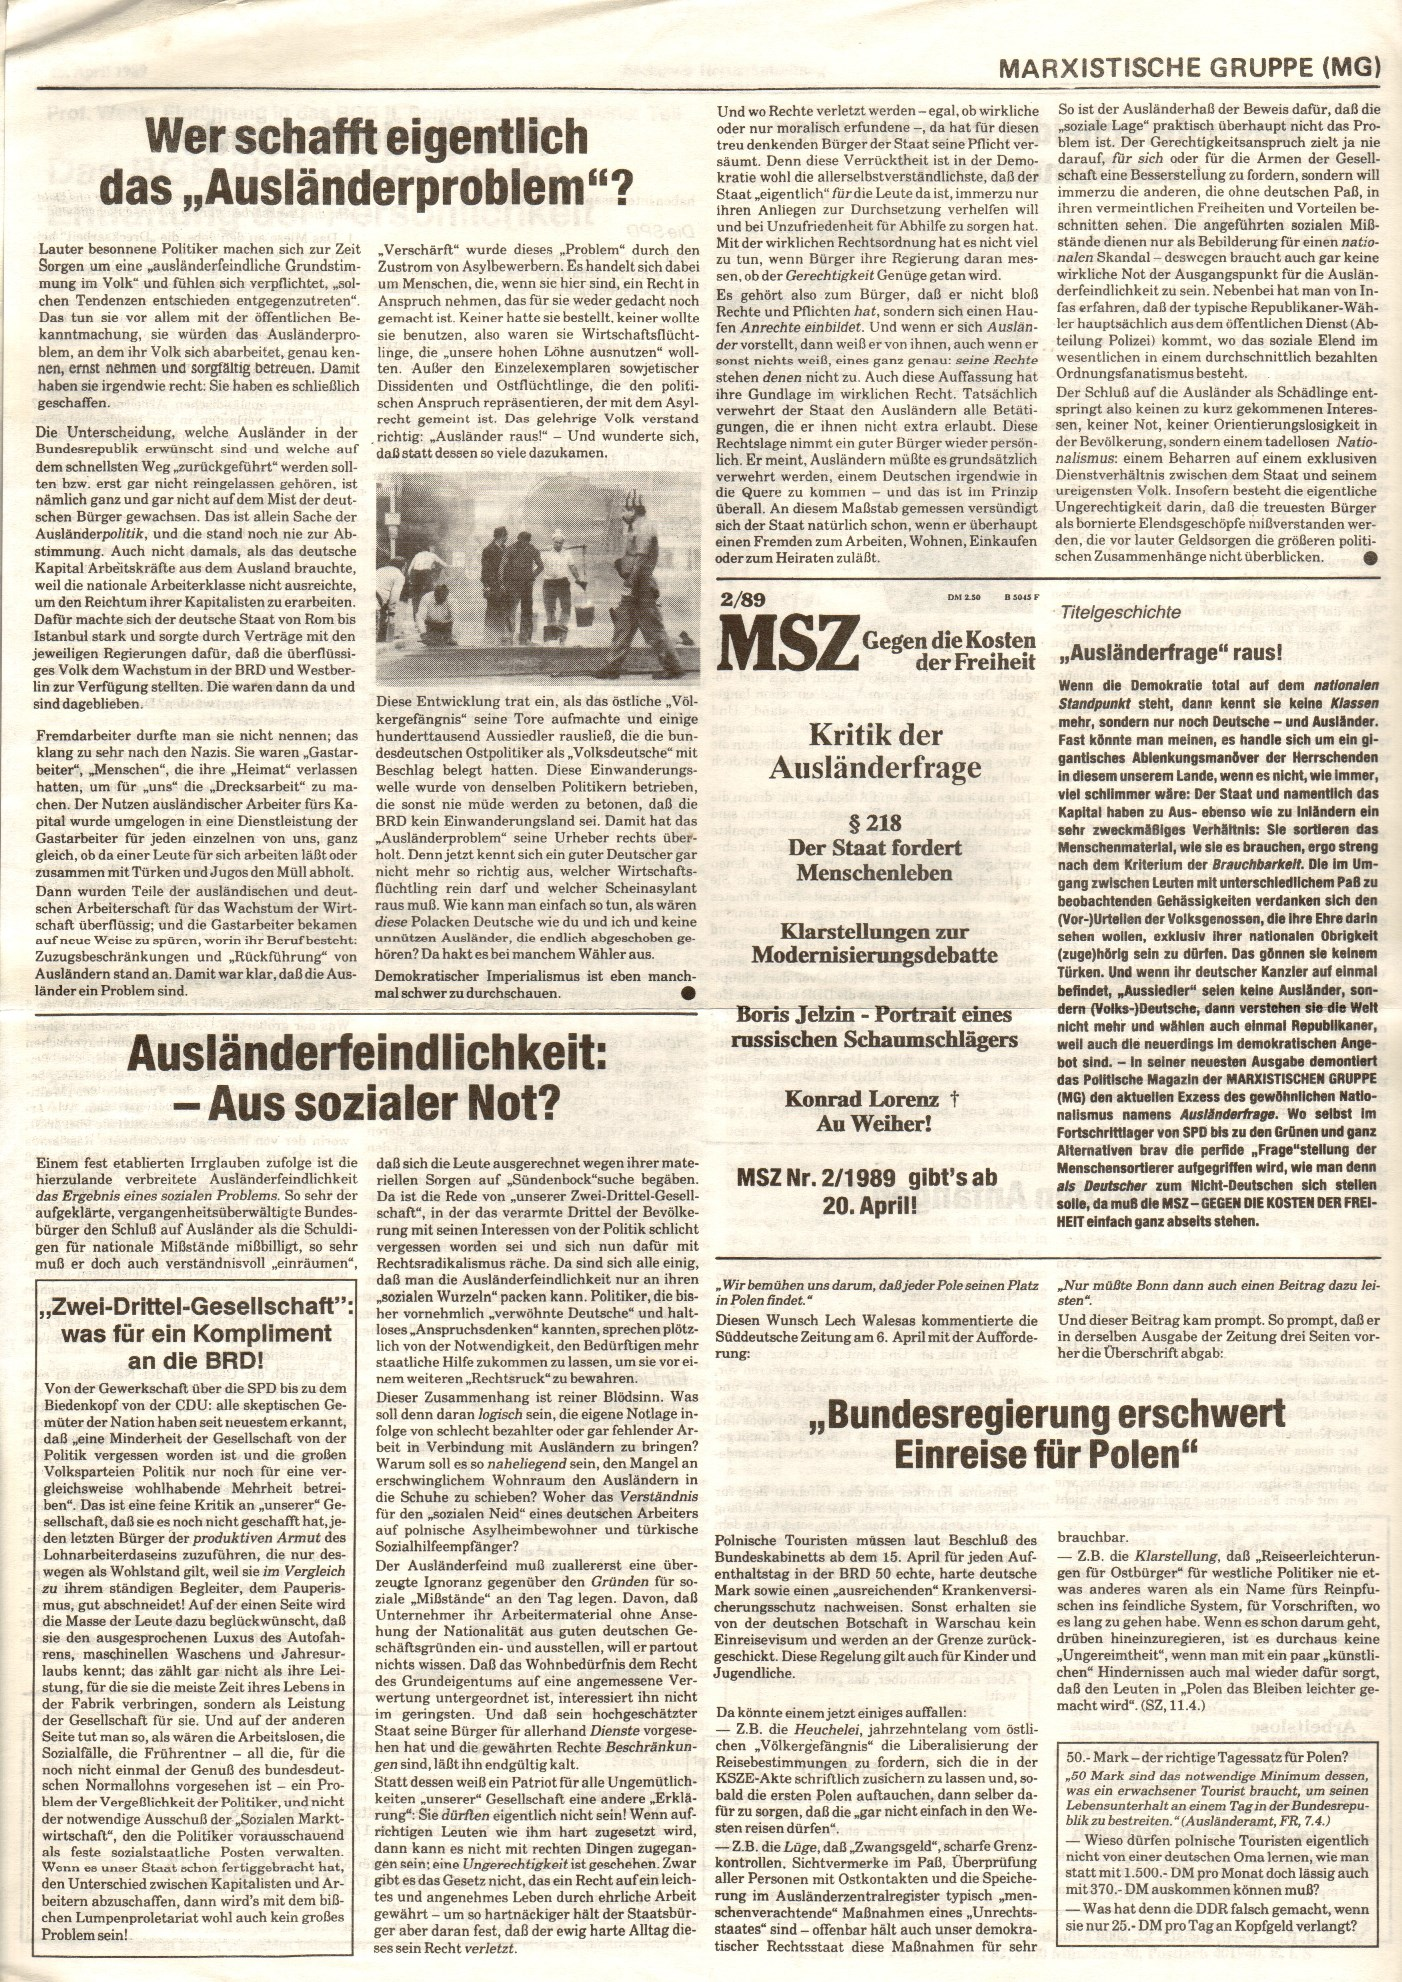 MG_Bochumer_Hochschulzeitung_19890418_03